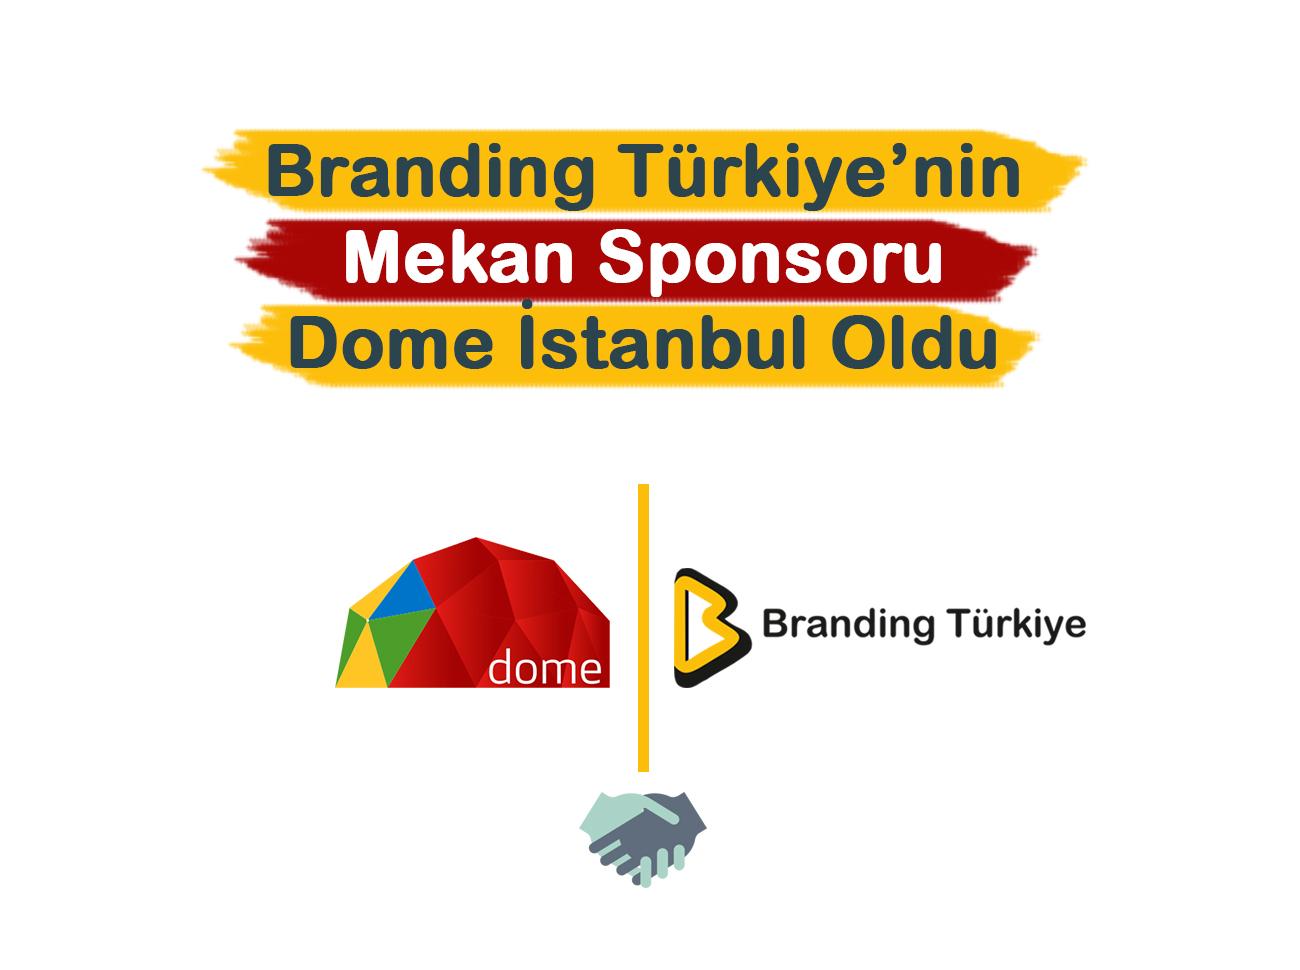 Branding Türkiye'nin Mekan Sponsoru Dome İstanbul Oldu